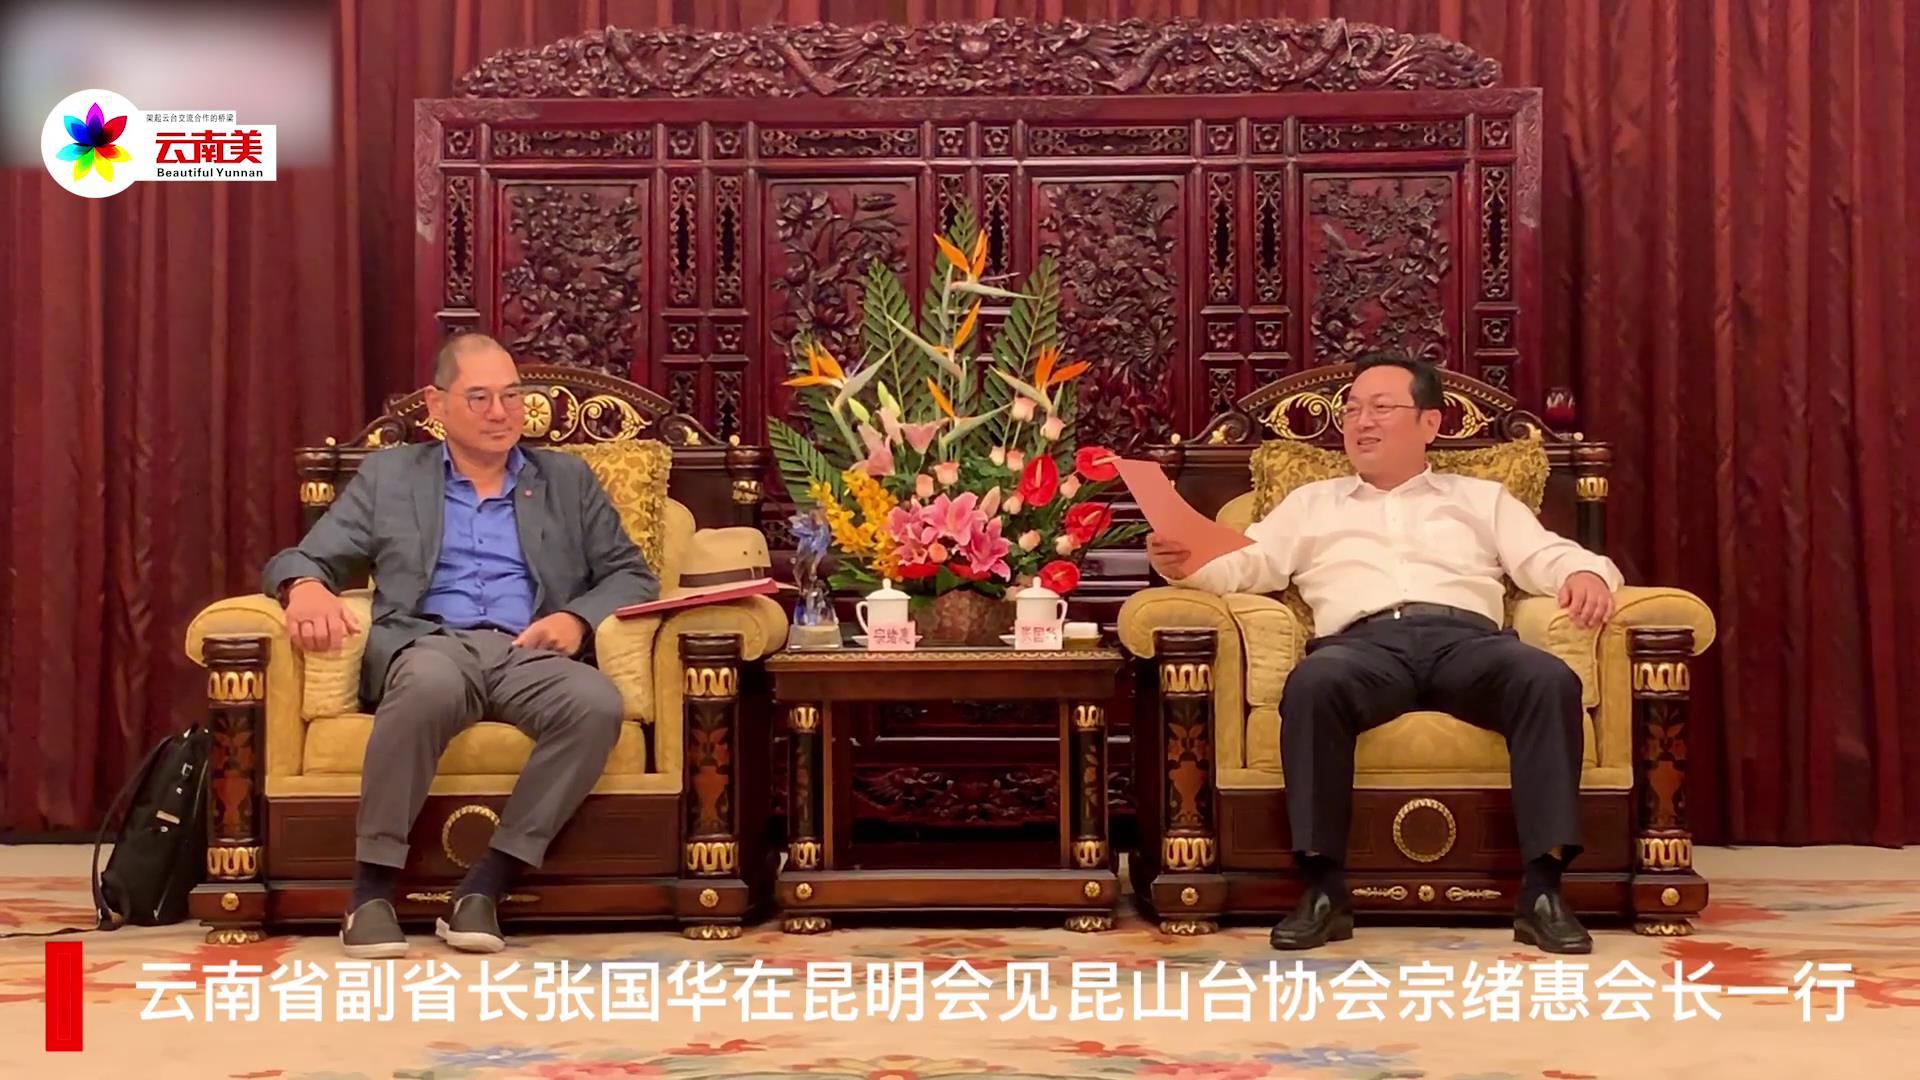 云南省副省长张国华在昆明会见昆山市台协会宗绪惠会长一行图片